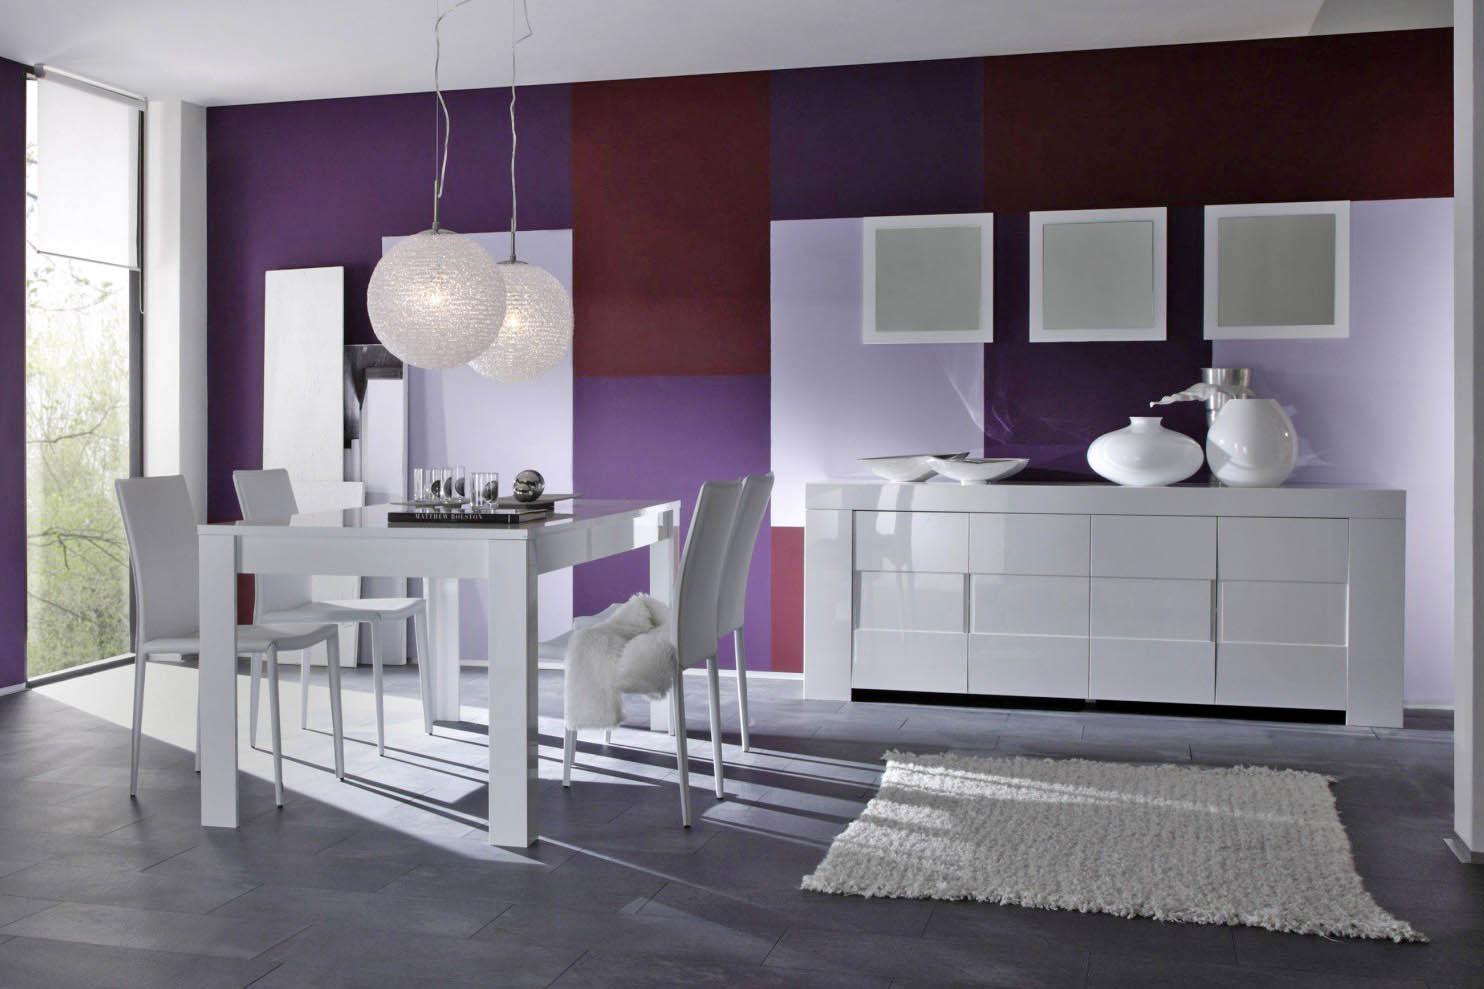 Salle manger meubl et design blanc meuble et for Meuble bas de salle a manger